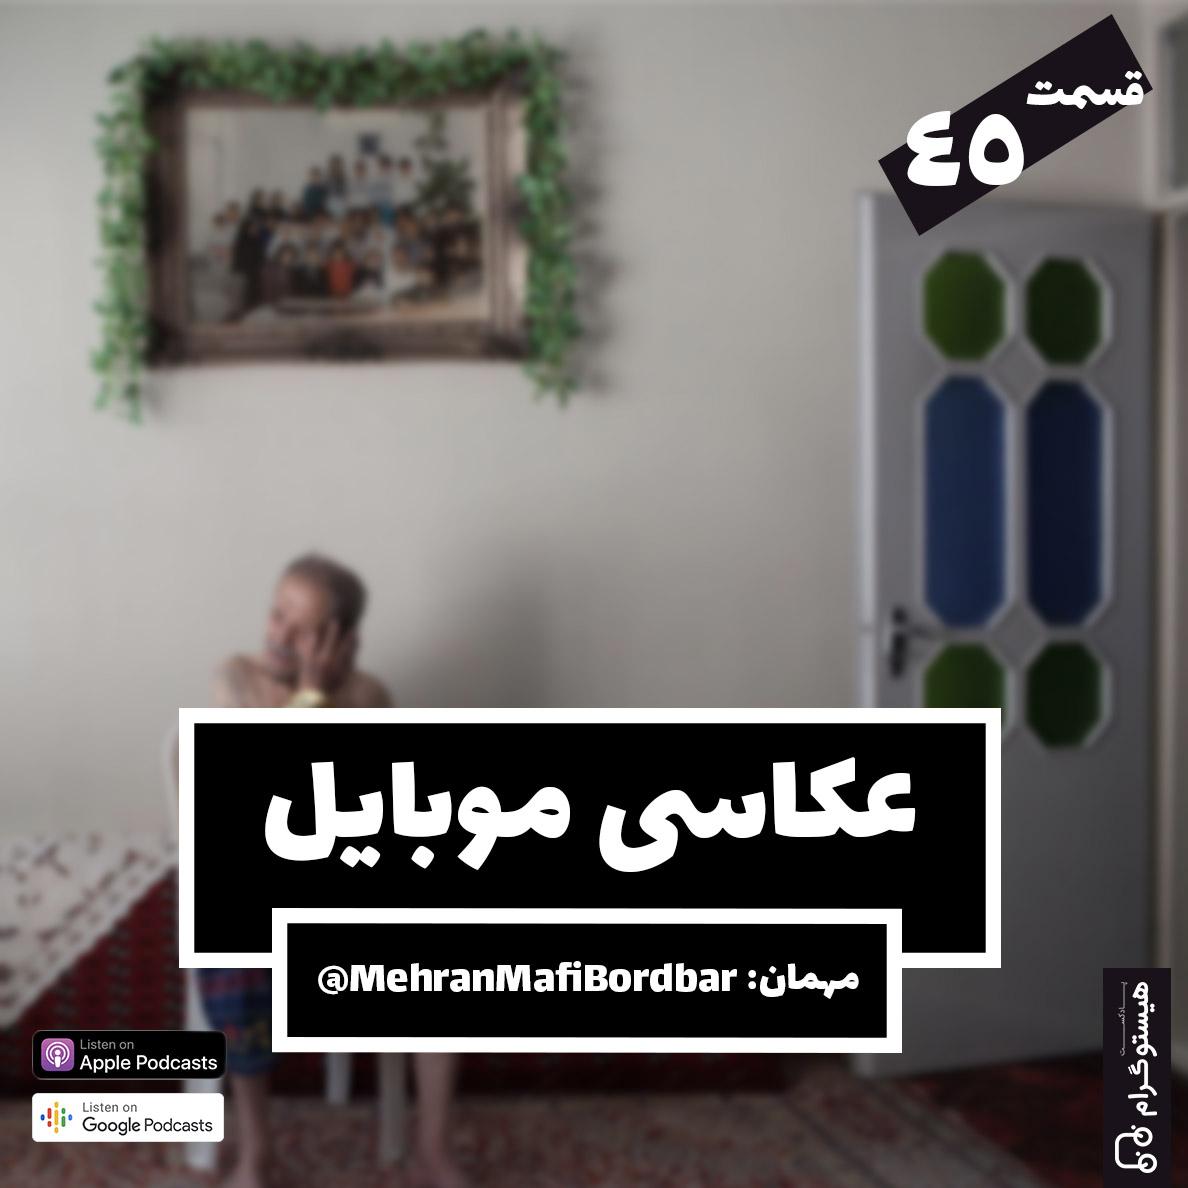 قسمت ۴۵   عکاسی موبایل با مهران مافی